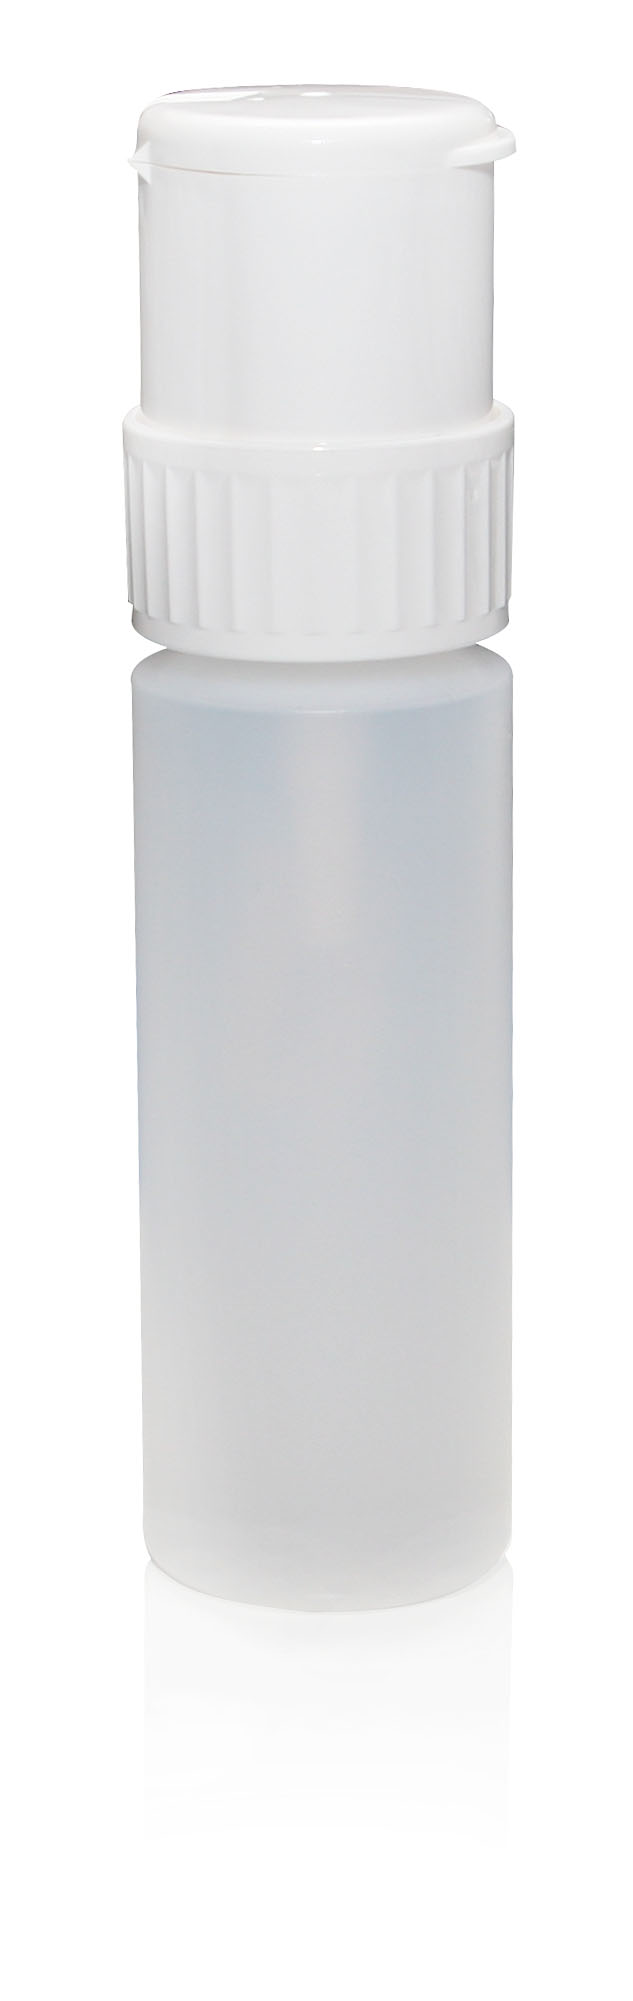 ORLY Емкость с помпой для жидкости 120мл